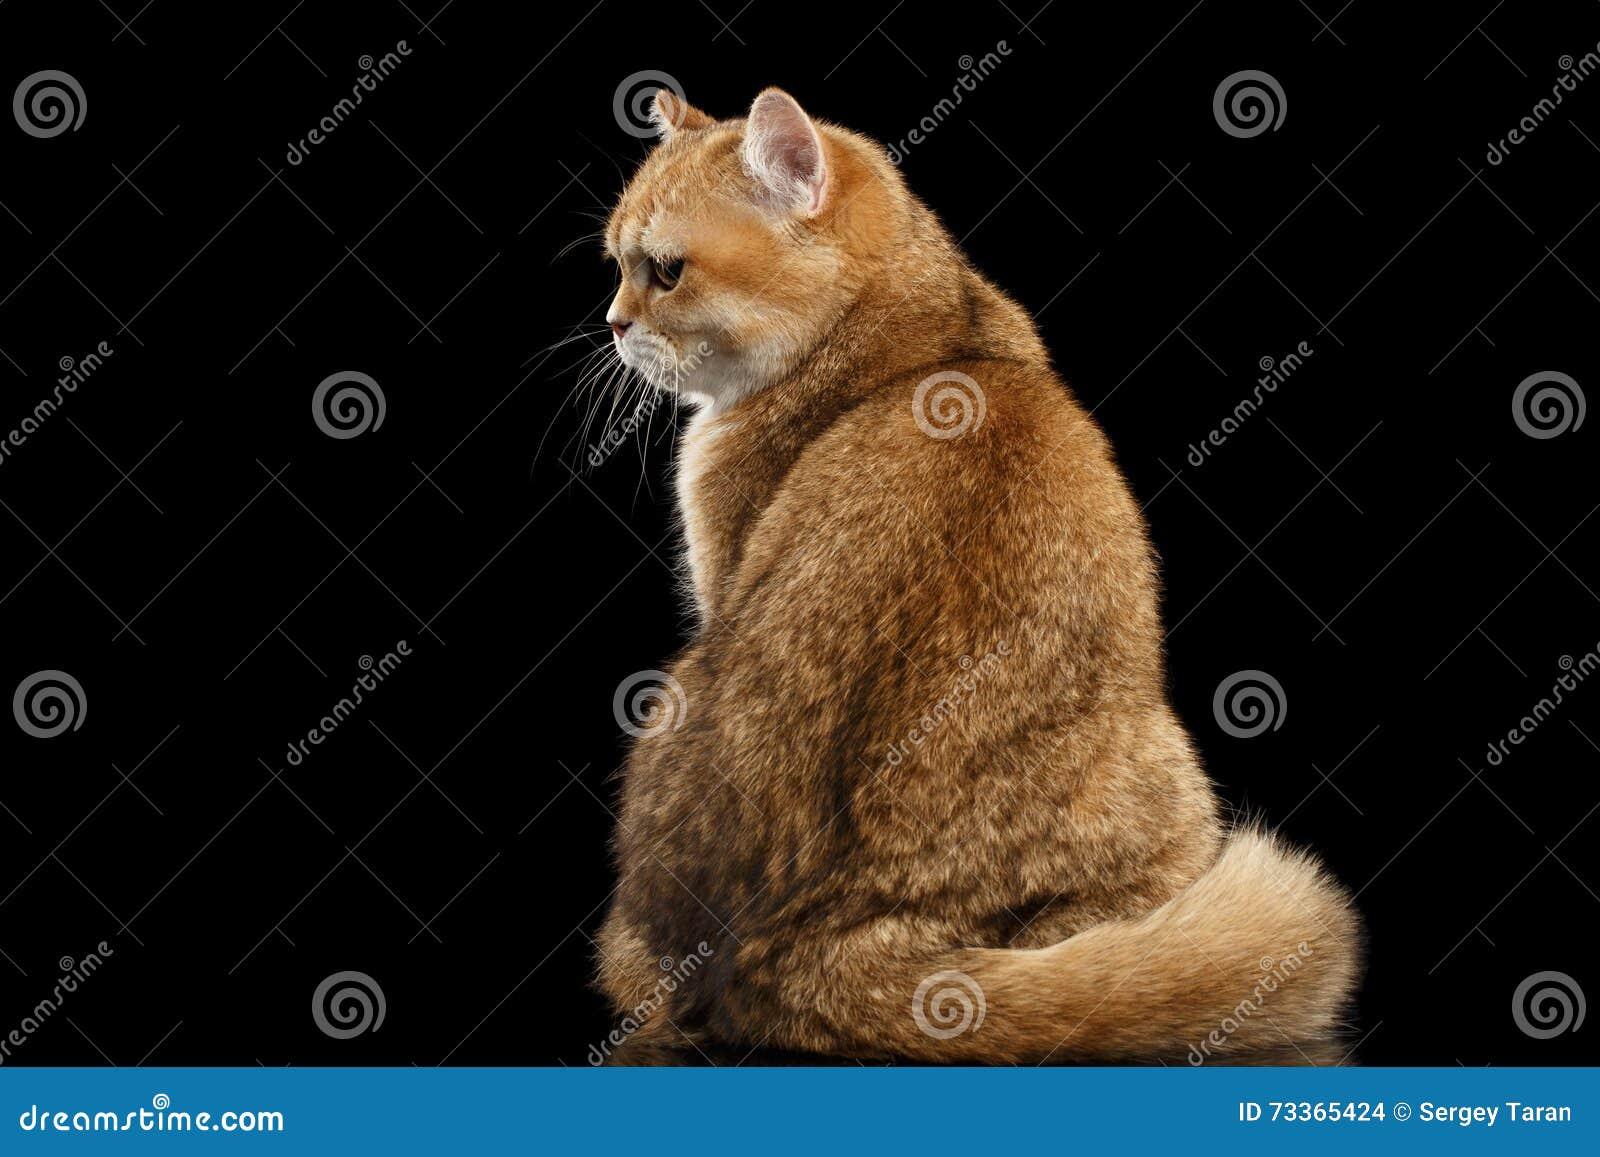 Les gros Anglais Cat Gold Chinchilla Sitting Back, noir grincheux